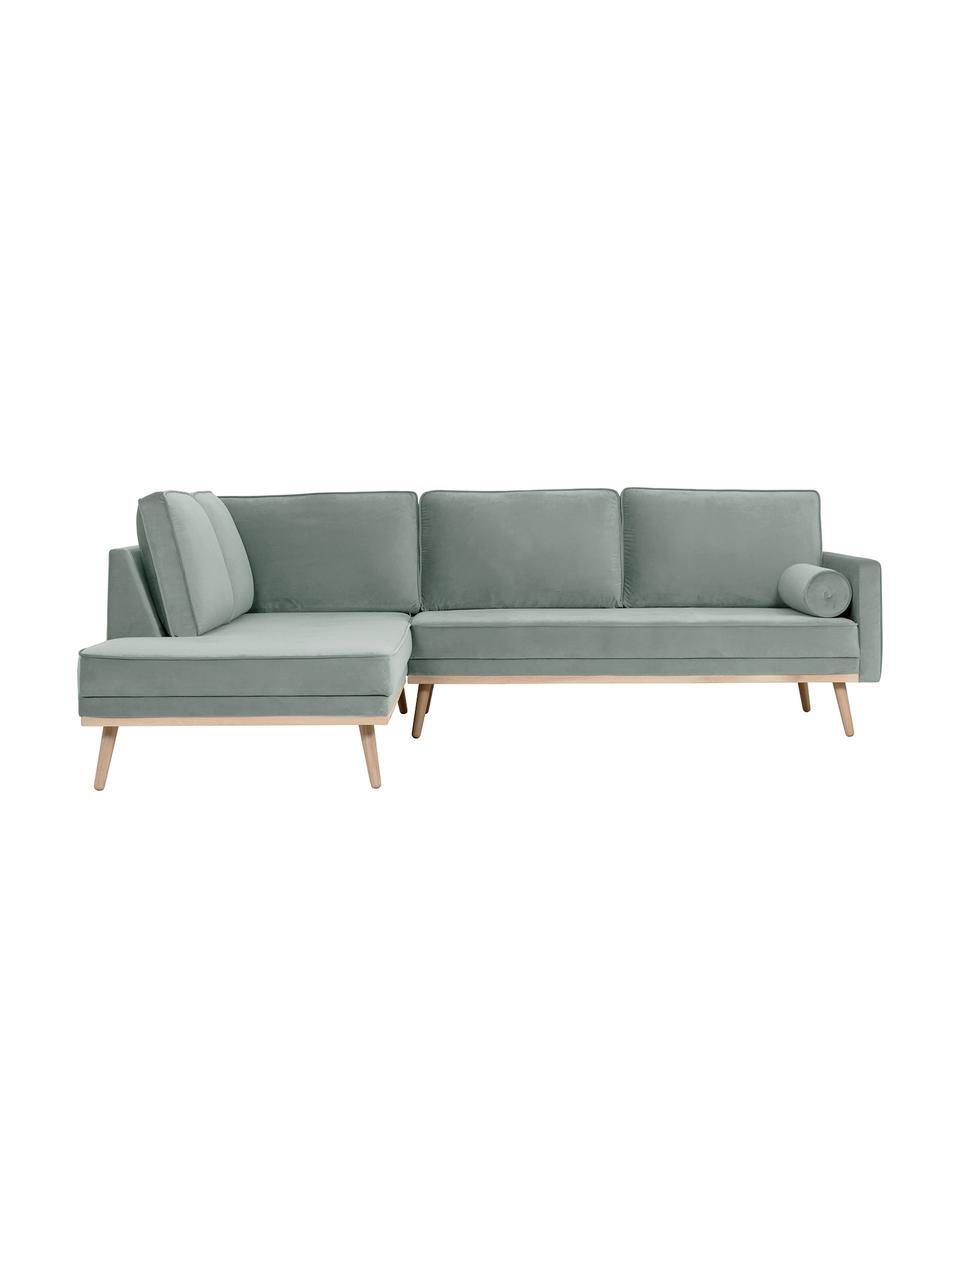 Canapé d'angle 3places velours vert sauge Saint, Velours vert sauge